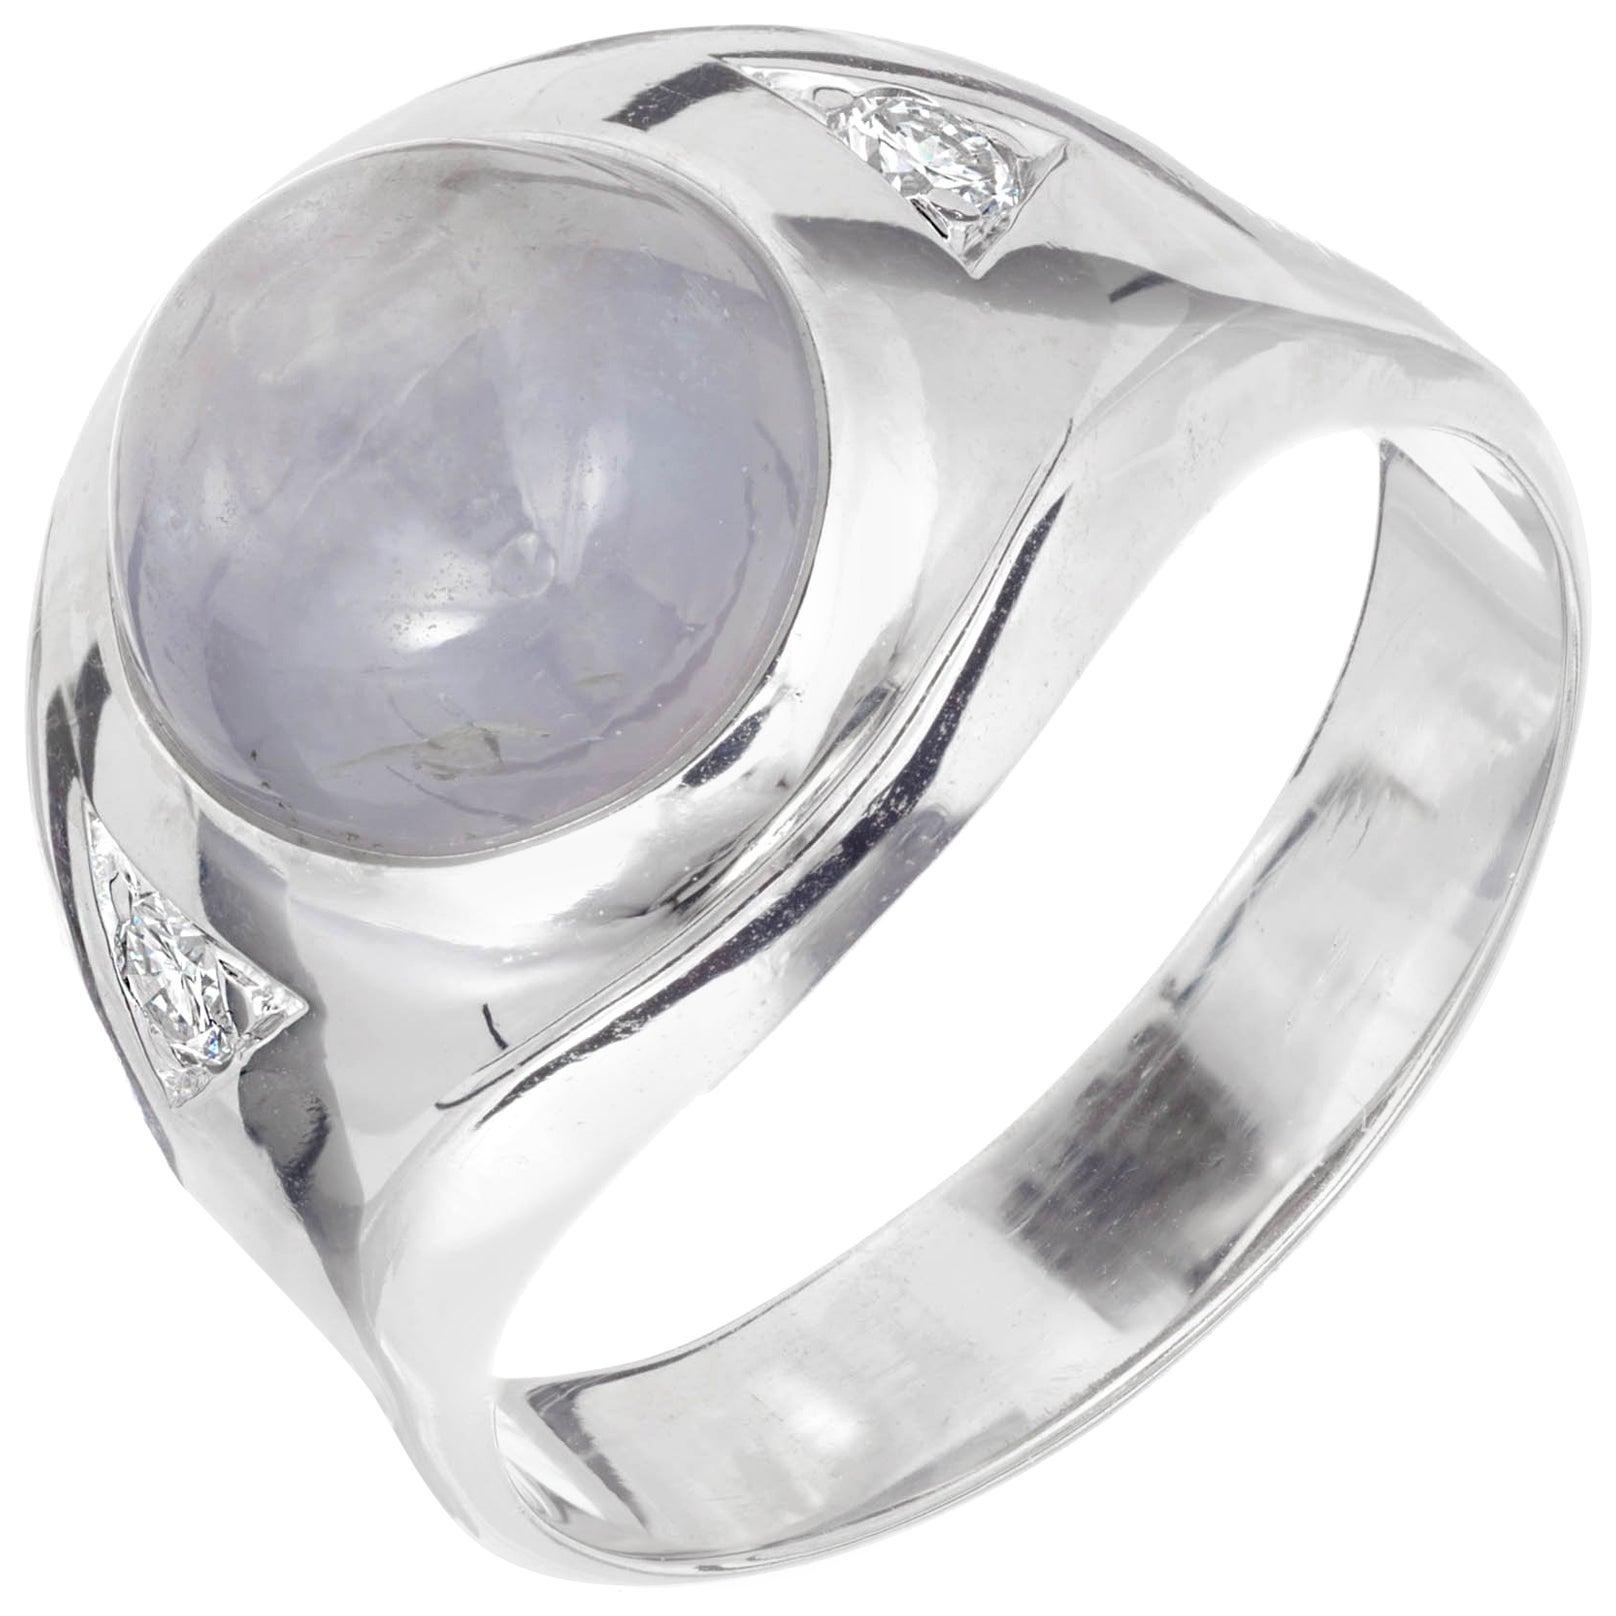 GIA Certified 9.00 Carat Natural Star Diamond White Gold Men's Ring